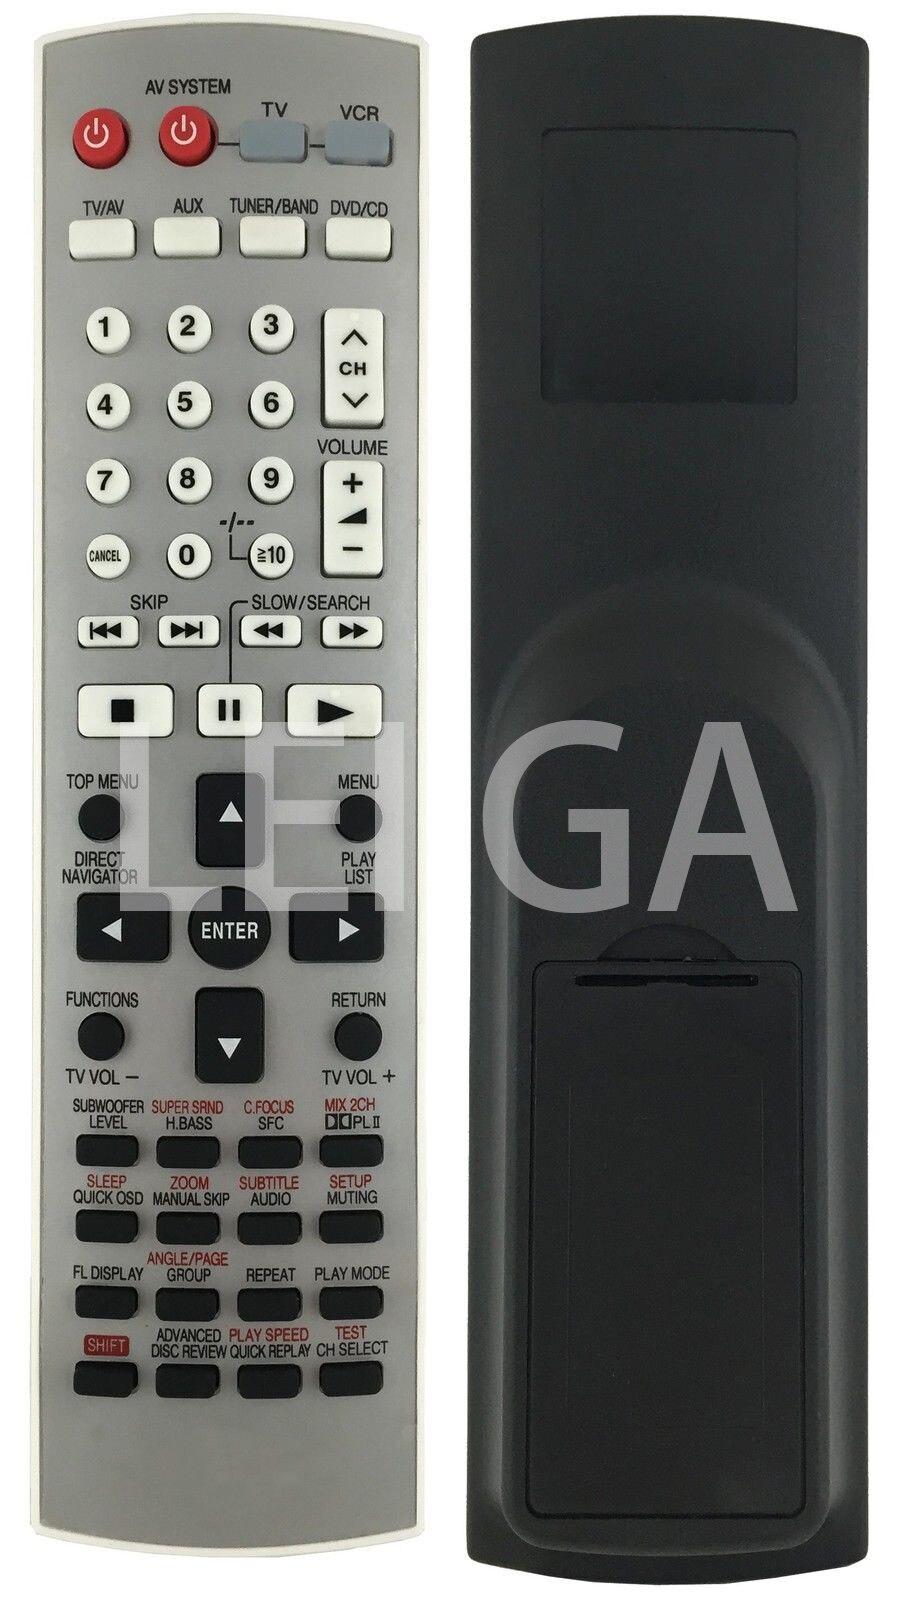 Controlador remoto para DVD casa teatro SA-HT520EB SA-HT335 SA-HT330 SA-HT335 SA-MT1E SL-DT310 SA-HT840 SC-HT840 SA-HT845